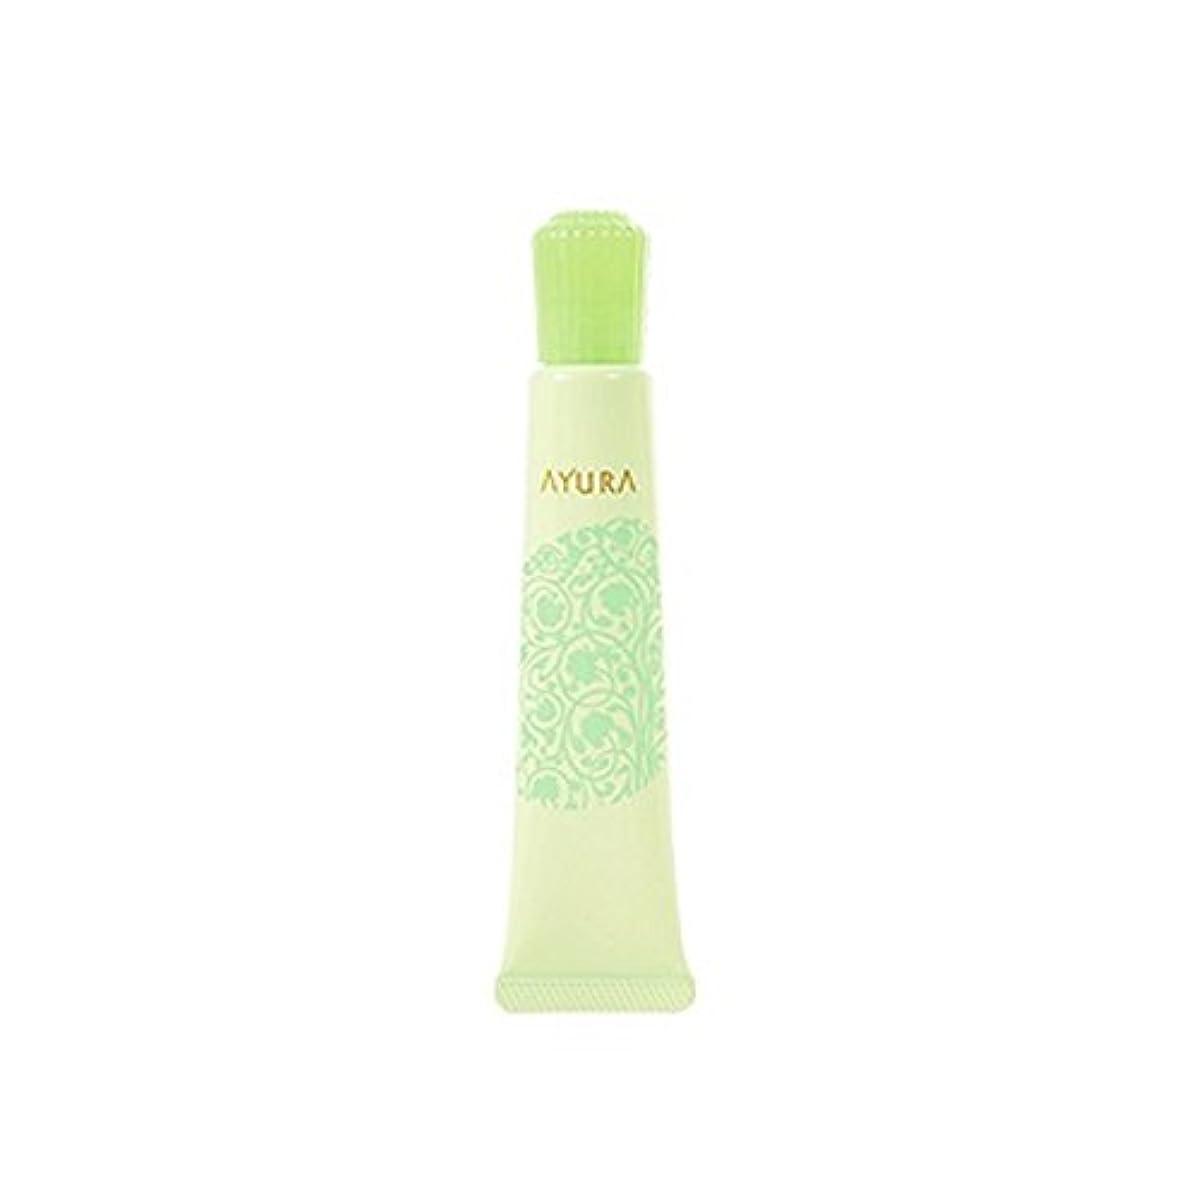 島モーテルペーストアユーラ (AYURA) ハンドオアシス 〈ハンド用美容液〉 アロマティックハーブとユーカリの軽やかな香り